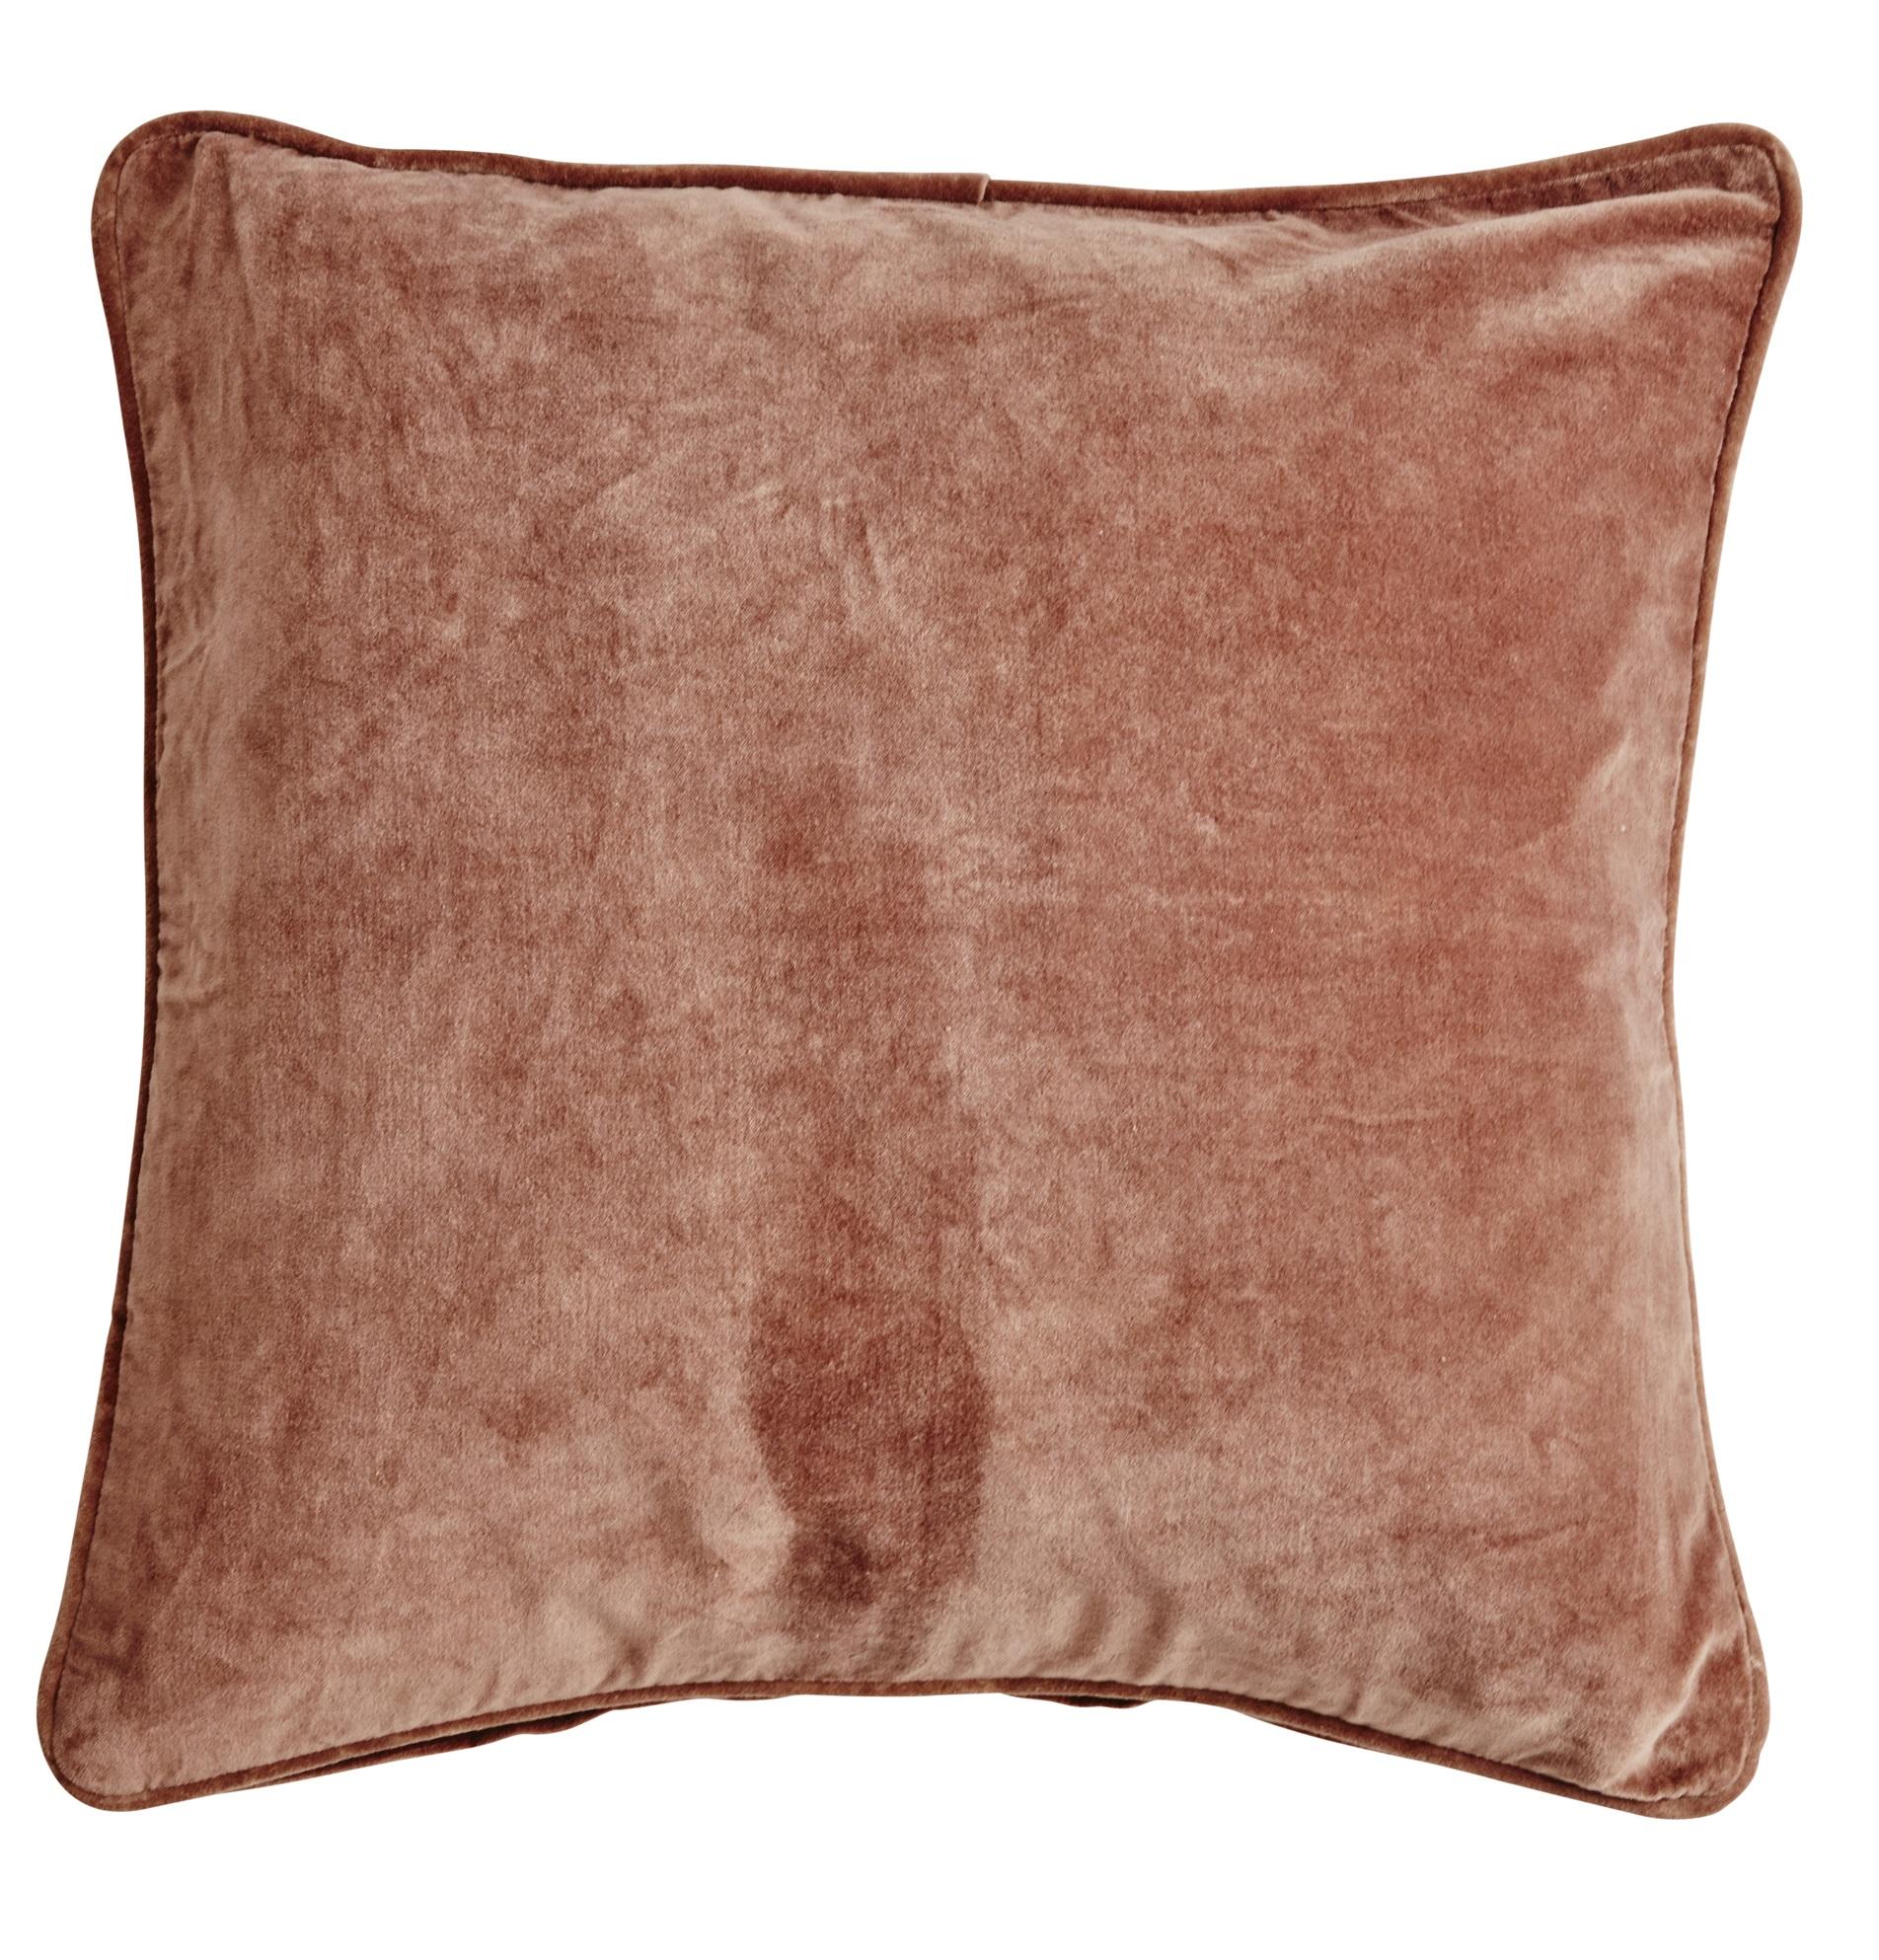 Velvet Cushion Cover Kuddfodral - Caramel